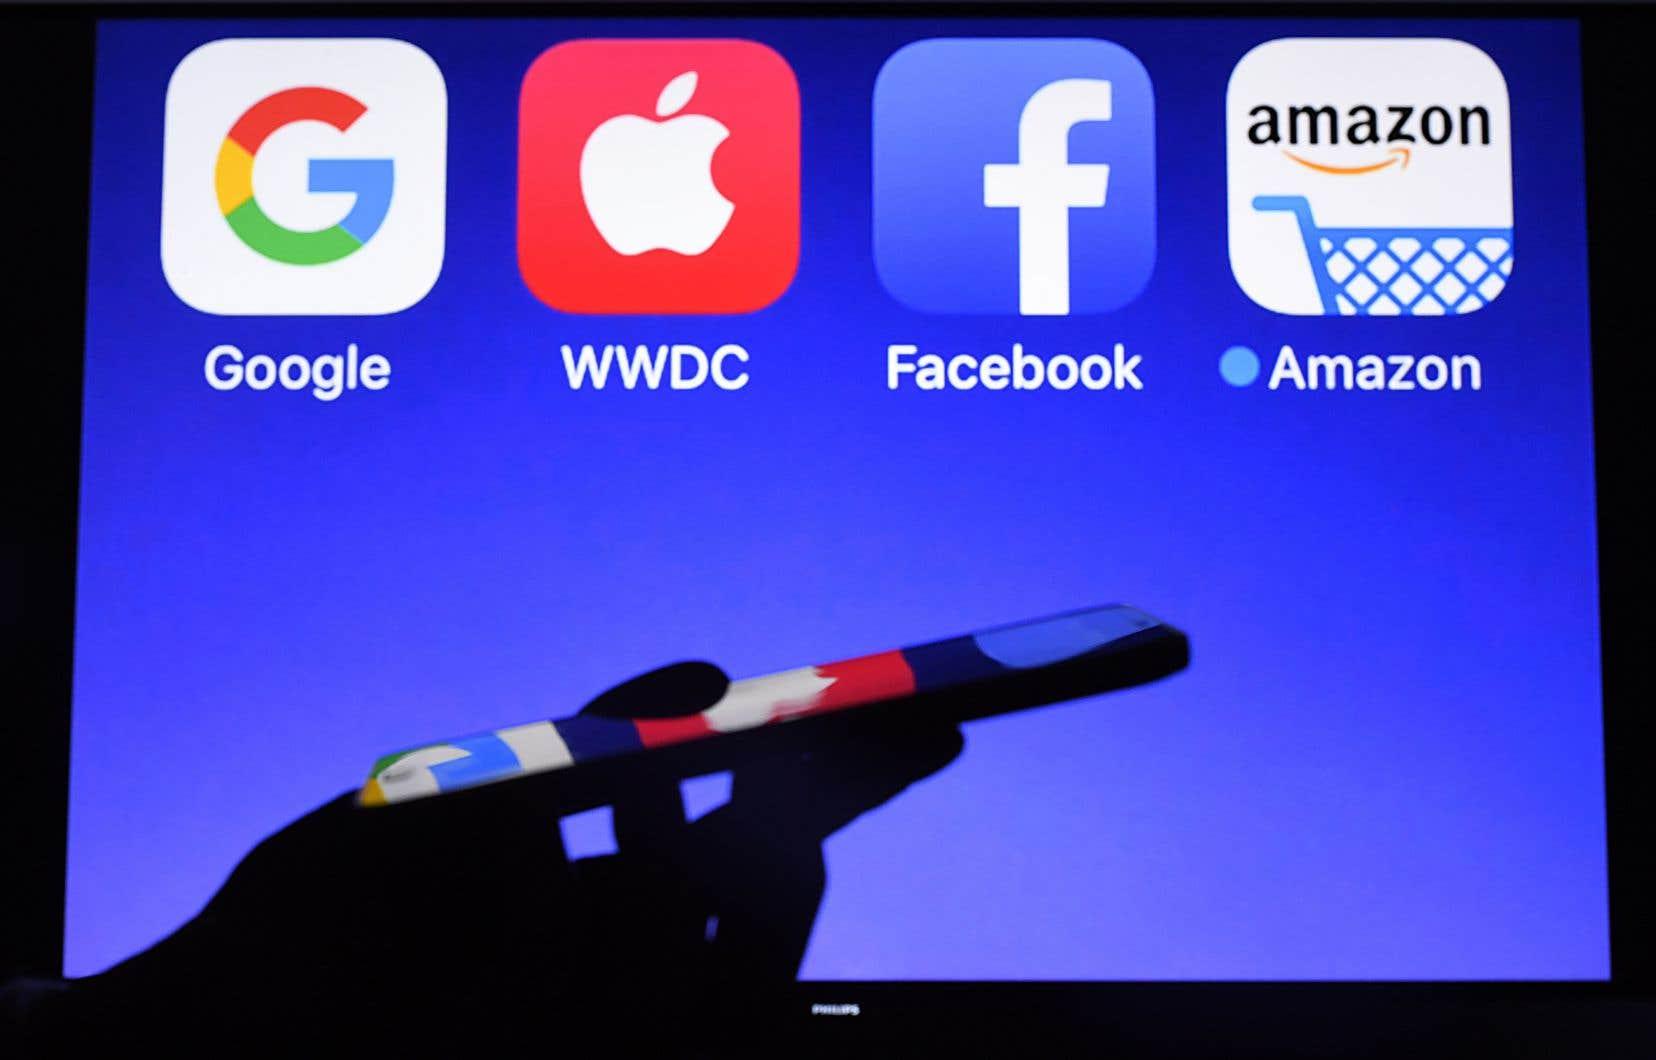 «Avant d'aller chercher de l'argent avec l'impôt des sociétés, avant de dire ça, je crois qu'il faut aller chercher l'argent chez les milliardaires, chez les multinationales comme les GAFA [Google, Apple, Facebook, Amazon] et chez les fondations privées supposément charitables des milliardaires», dit en entrevue MmeAlepin, fondatrice de la conférence mondiale annuelle TaxCOOP.